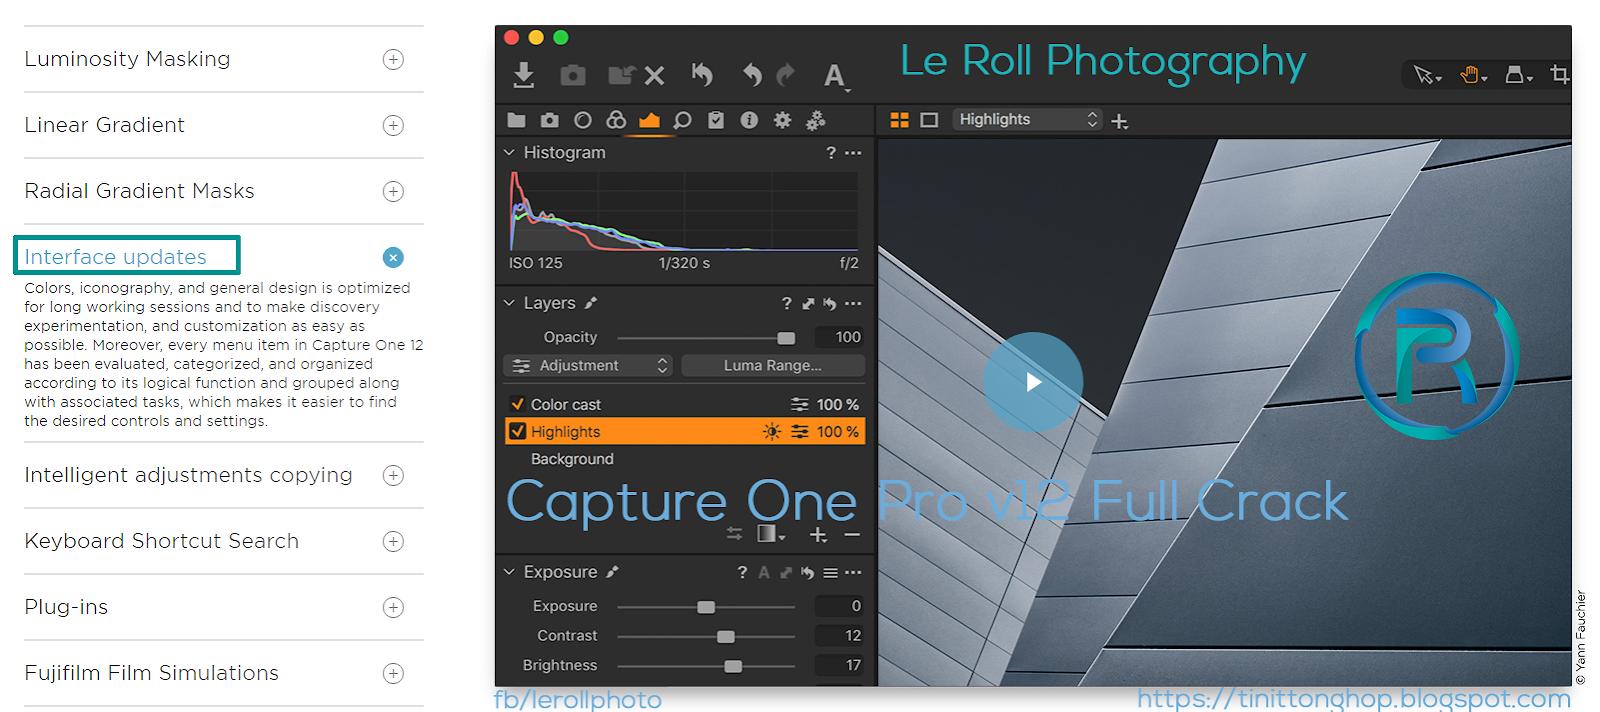 Capture One Pro v12 Full Crack - Phần Mềm Chỉnh Sửa Ảnh Đình Đám